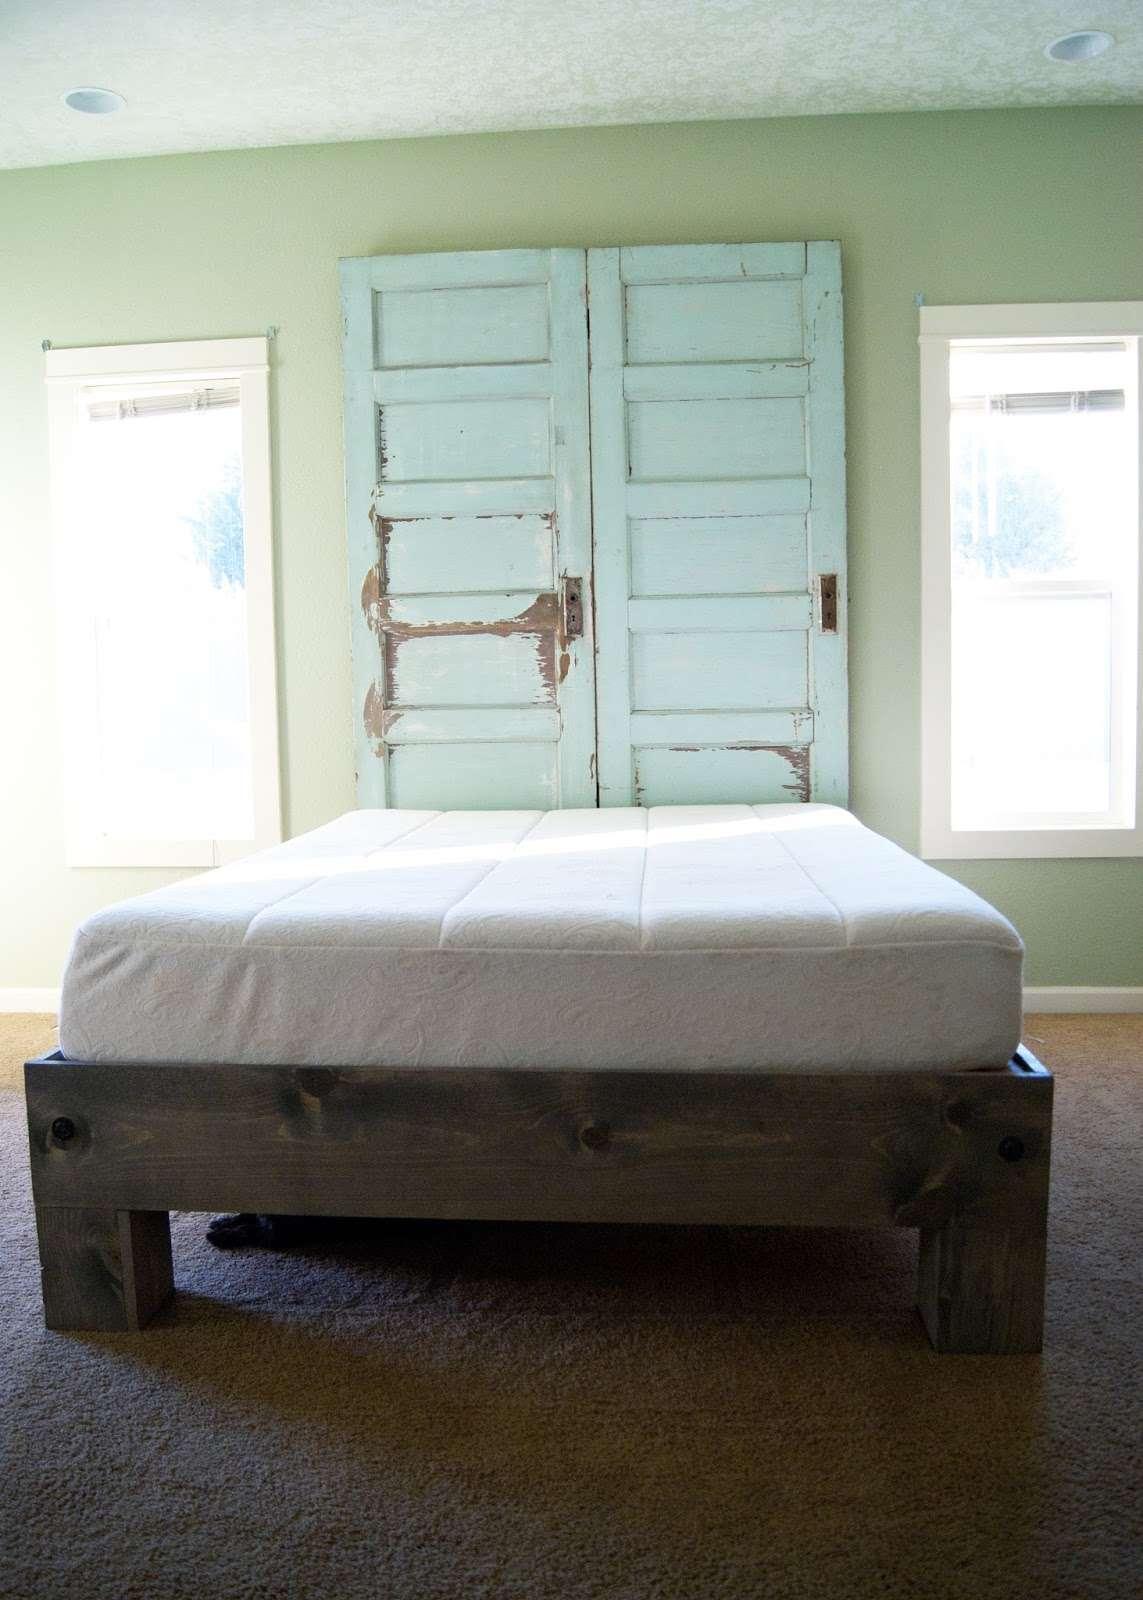 A wooden bed with door headboard